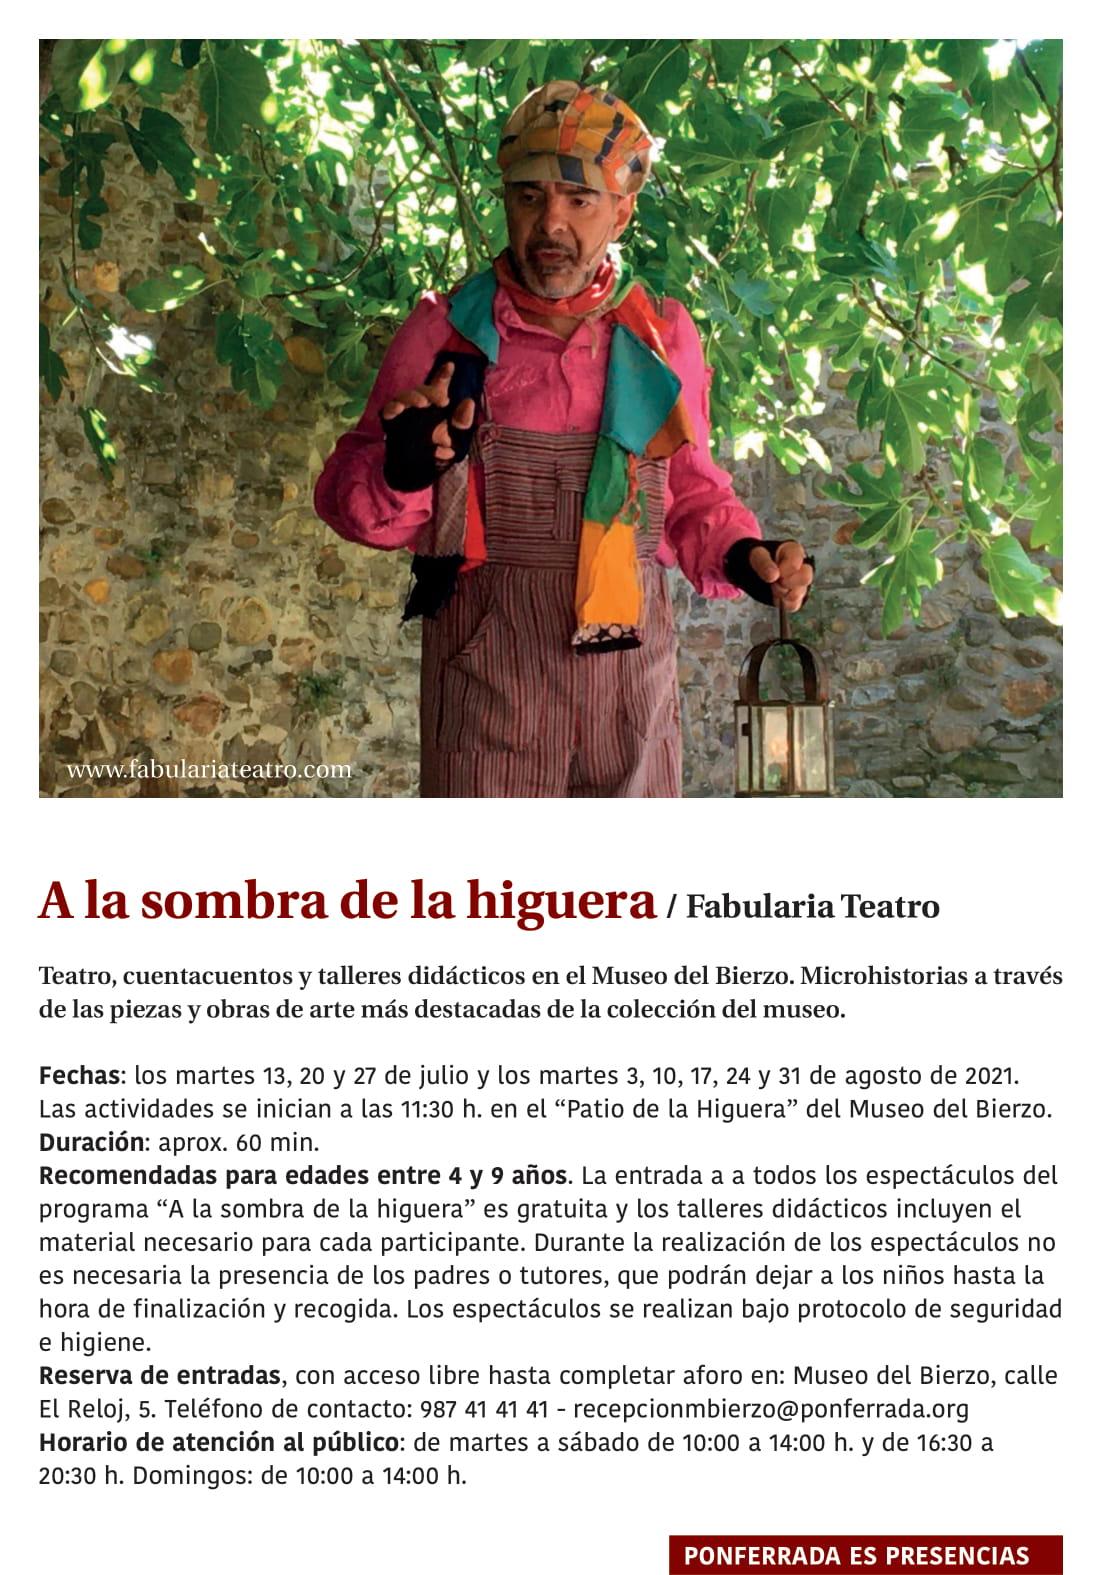 Ponferrada será... música, cultura, monumentos, turismo y más durante el verano de 2021 29